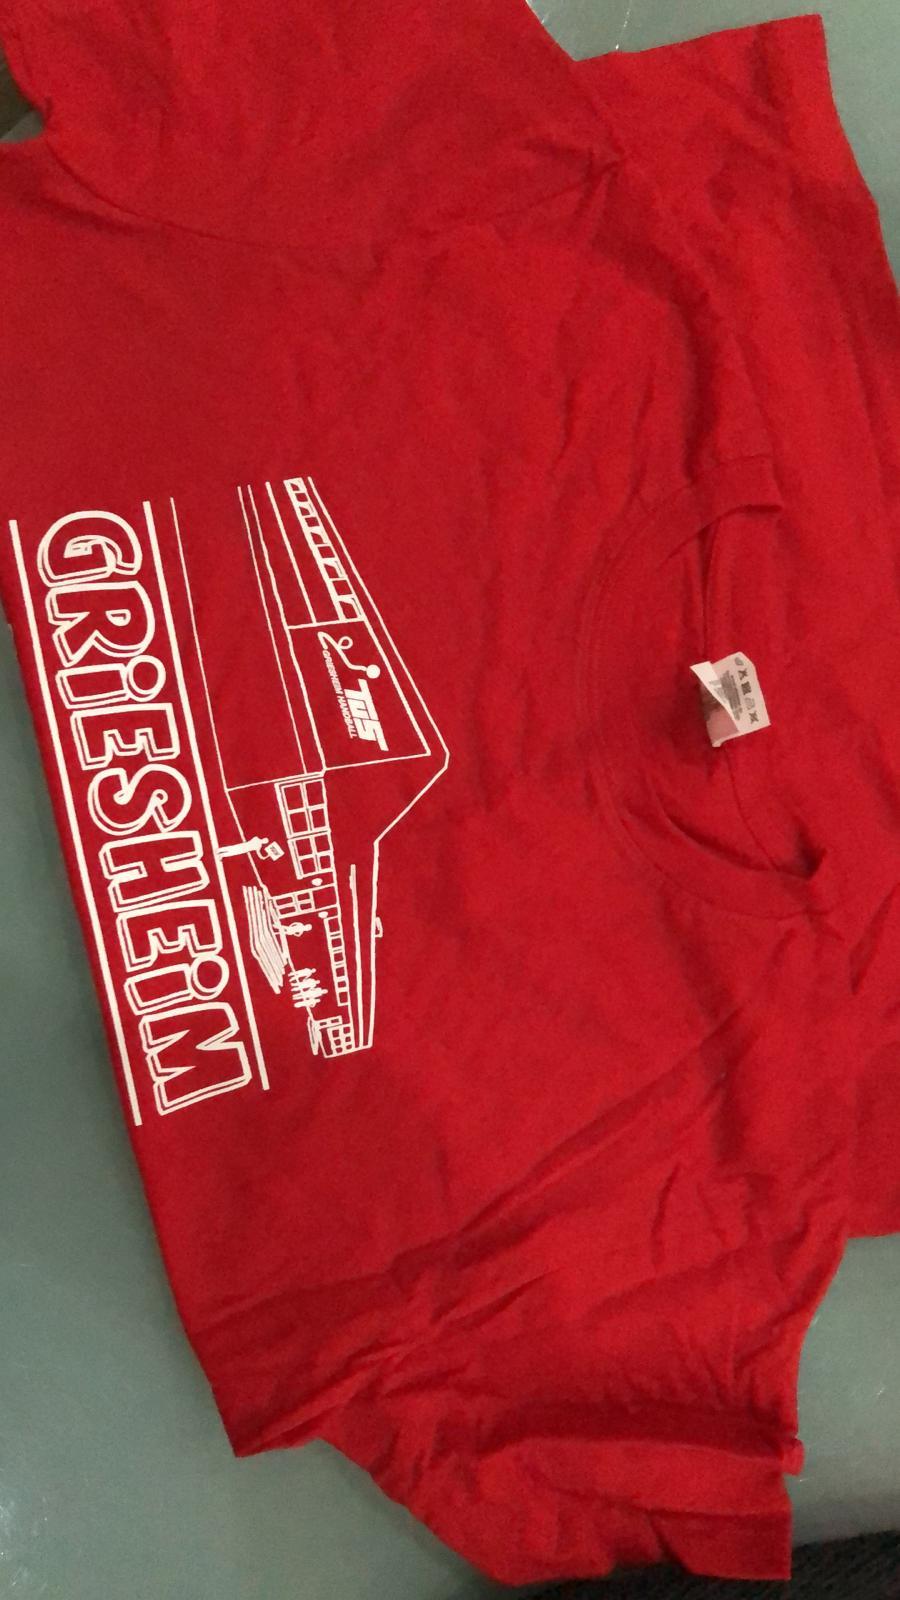 T-Shirt rot - neu und ungetragen, Größe S, 5 Euro(Kontakt: Ronald Bausch saro174@gmx.net)